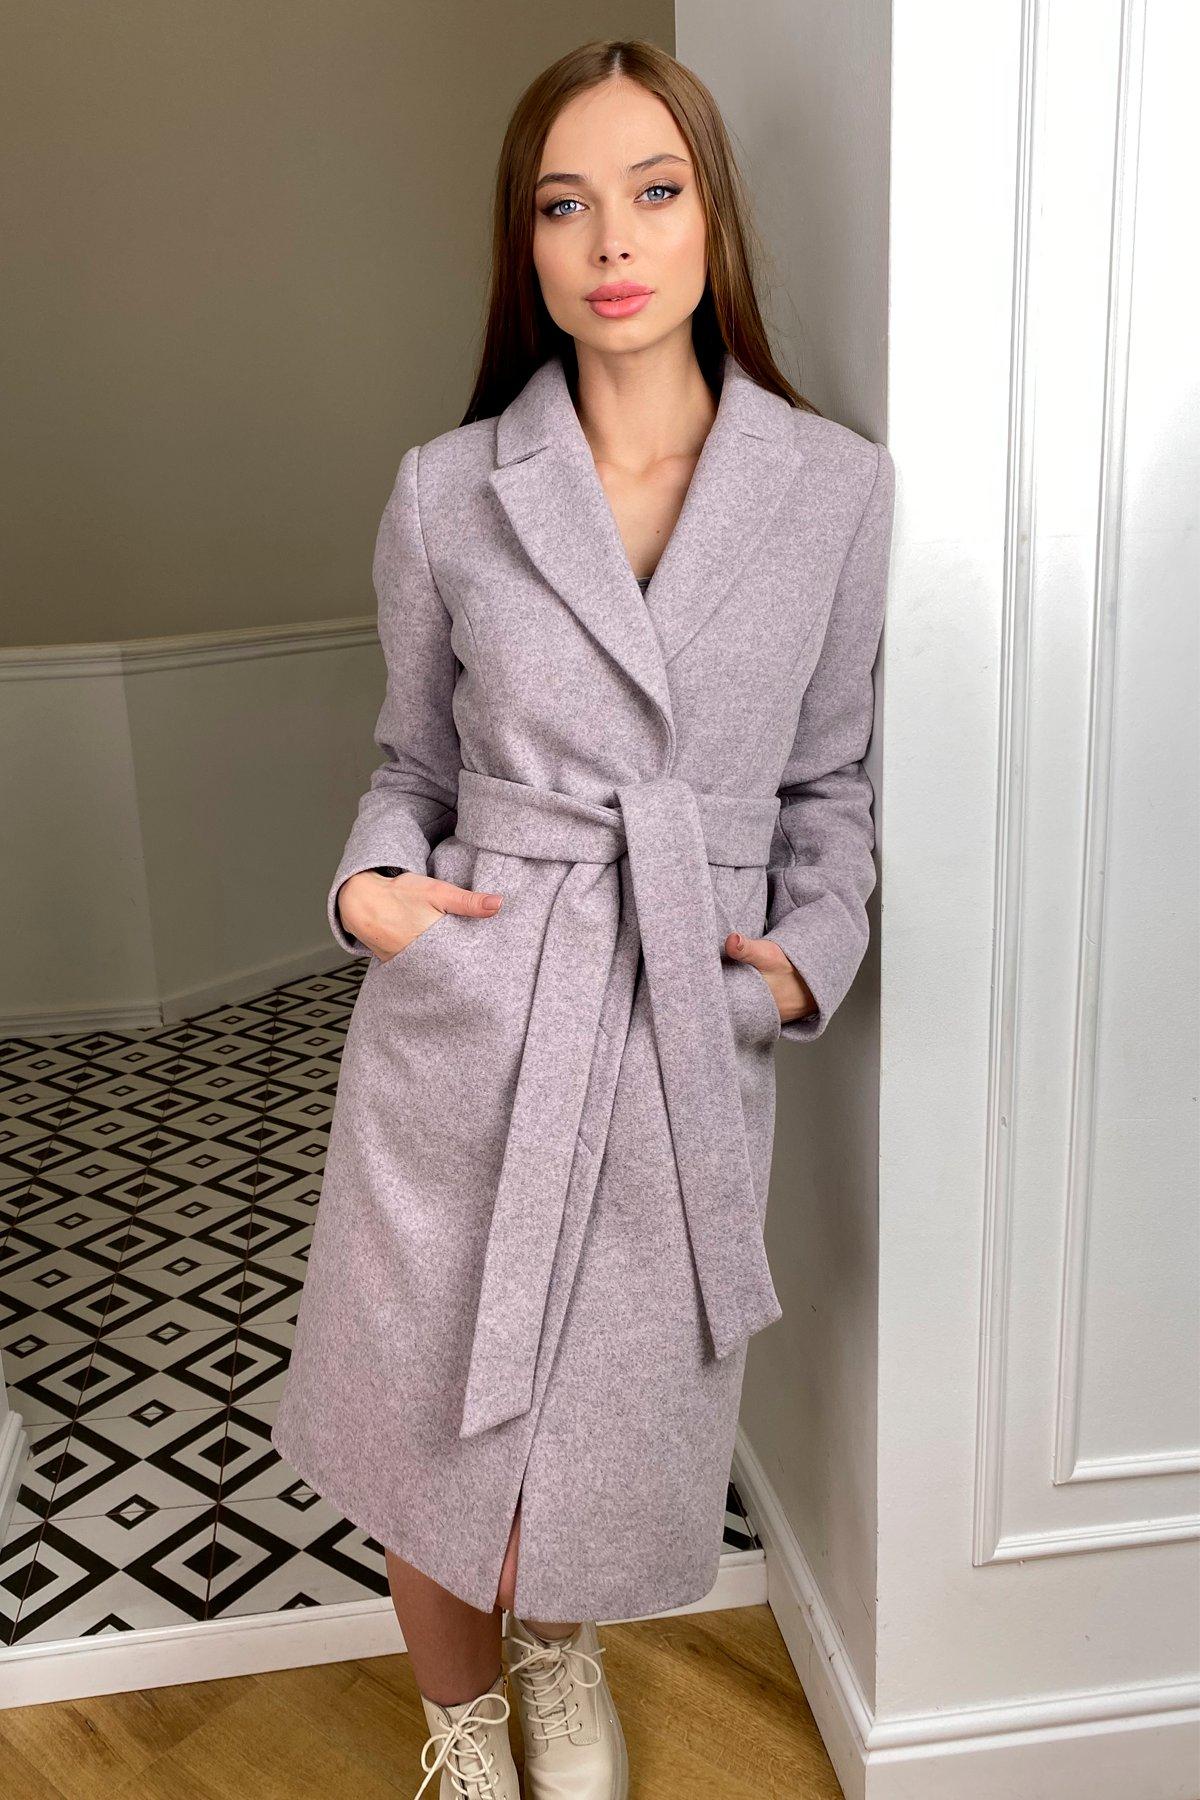 Пальто зима Мехико 8273 АРТ. 44381 Цвет: Серо-розовый 46 - фото 1, интернет магазин tm-modus.ru